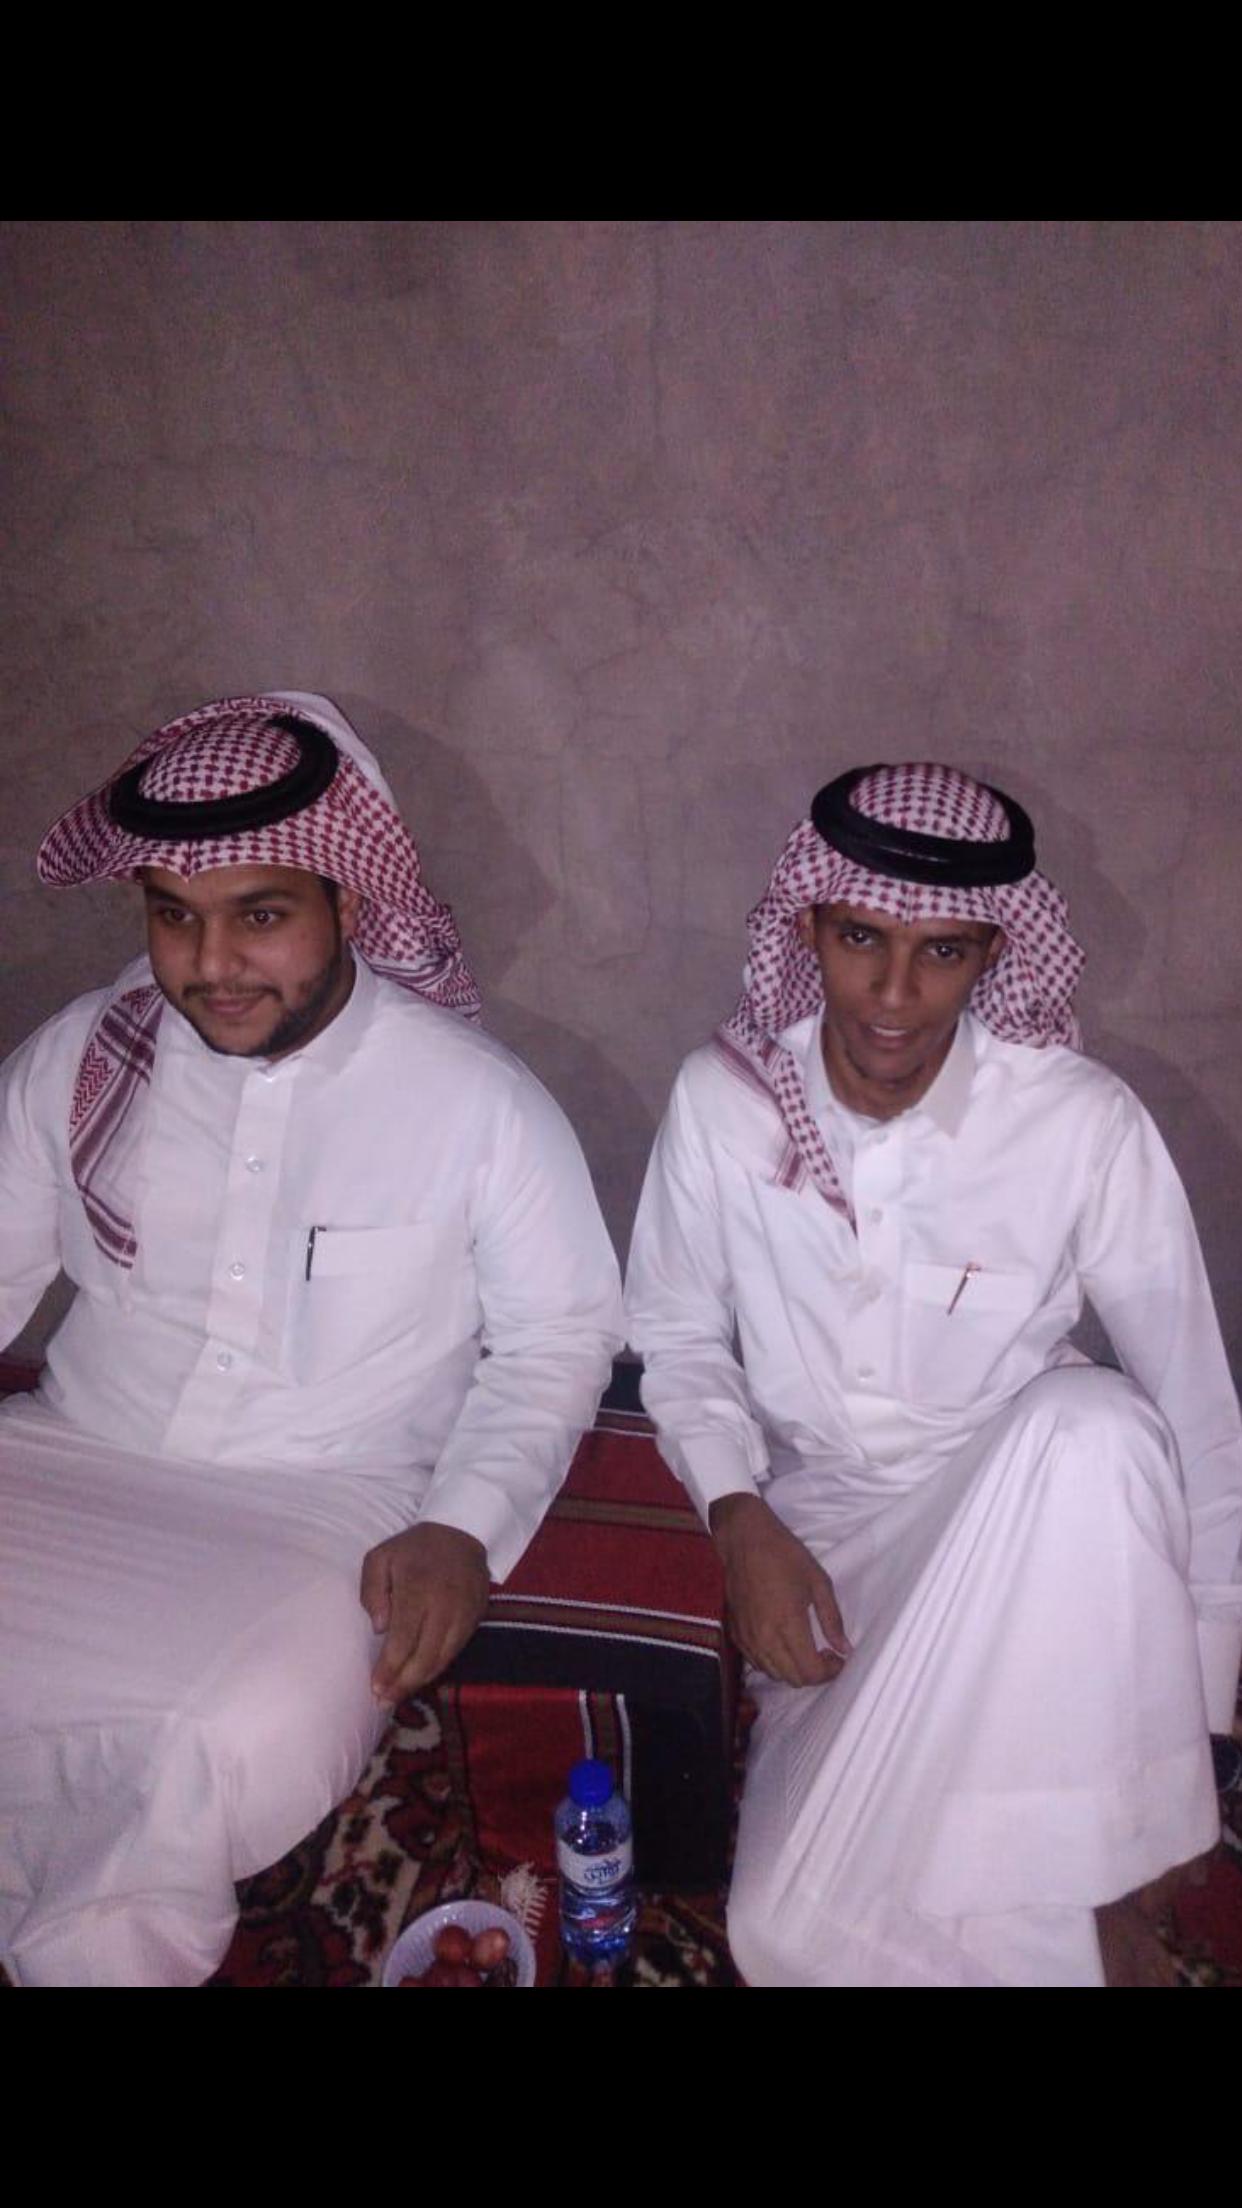 الشاب / حمدان فرج الجحم البلوي يحتفل بزواجه 7A0348DE 0EC9 4CDC 9850 5C95F1BC21AD